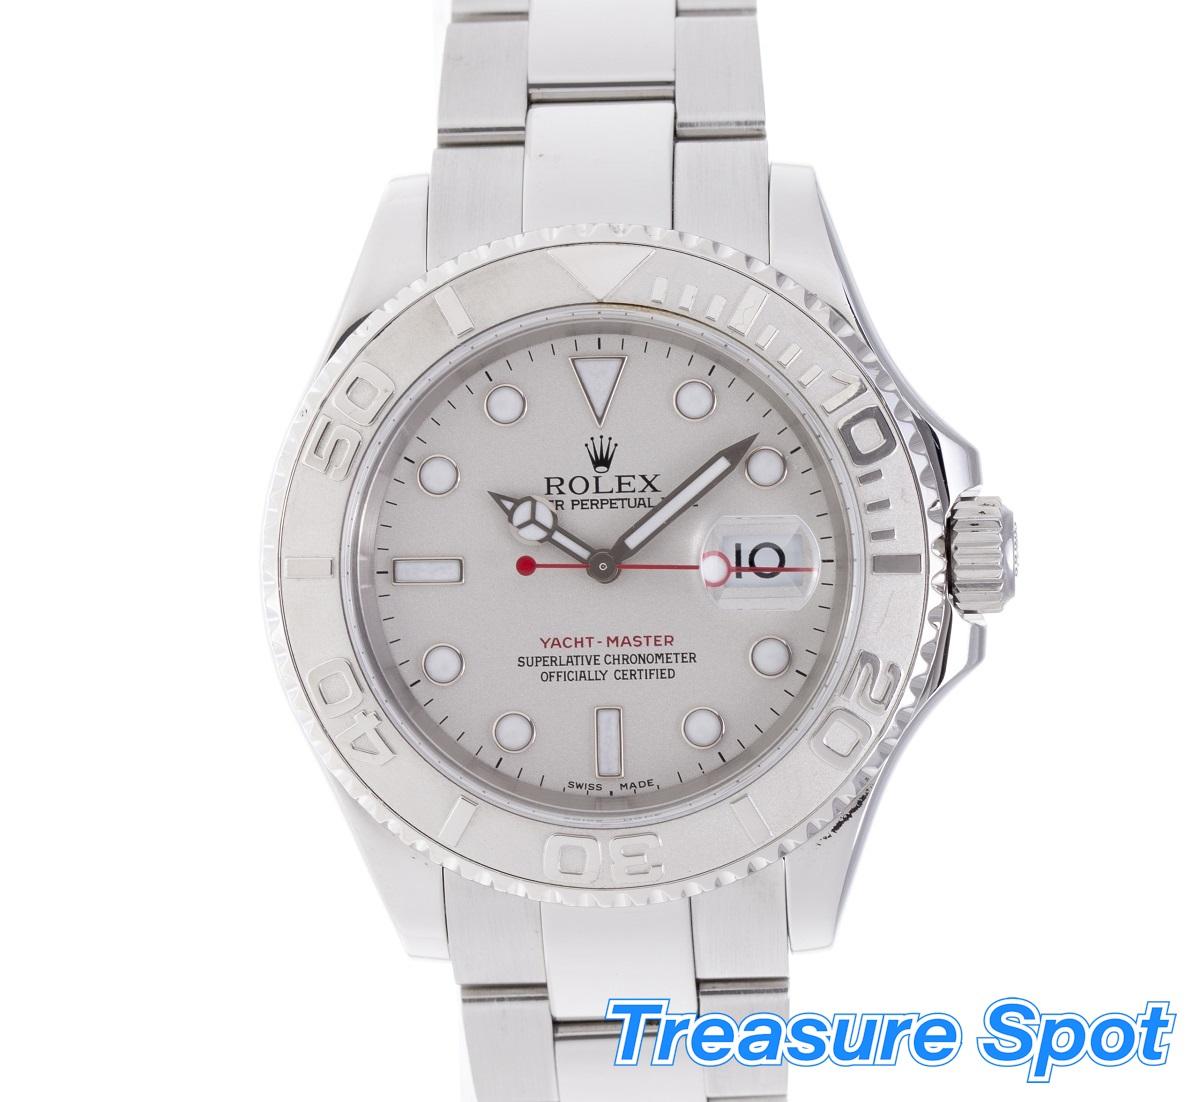 ロレックス ROLEX ヨットマスター 16622 2005年 SS/PT ステンレスxプラチナ メンズ 腕時計 送料無料 【トレジャースポット】 【中古】